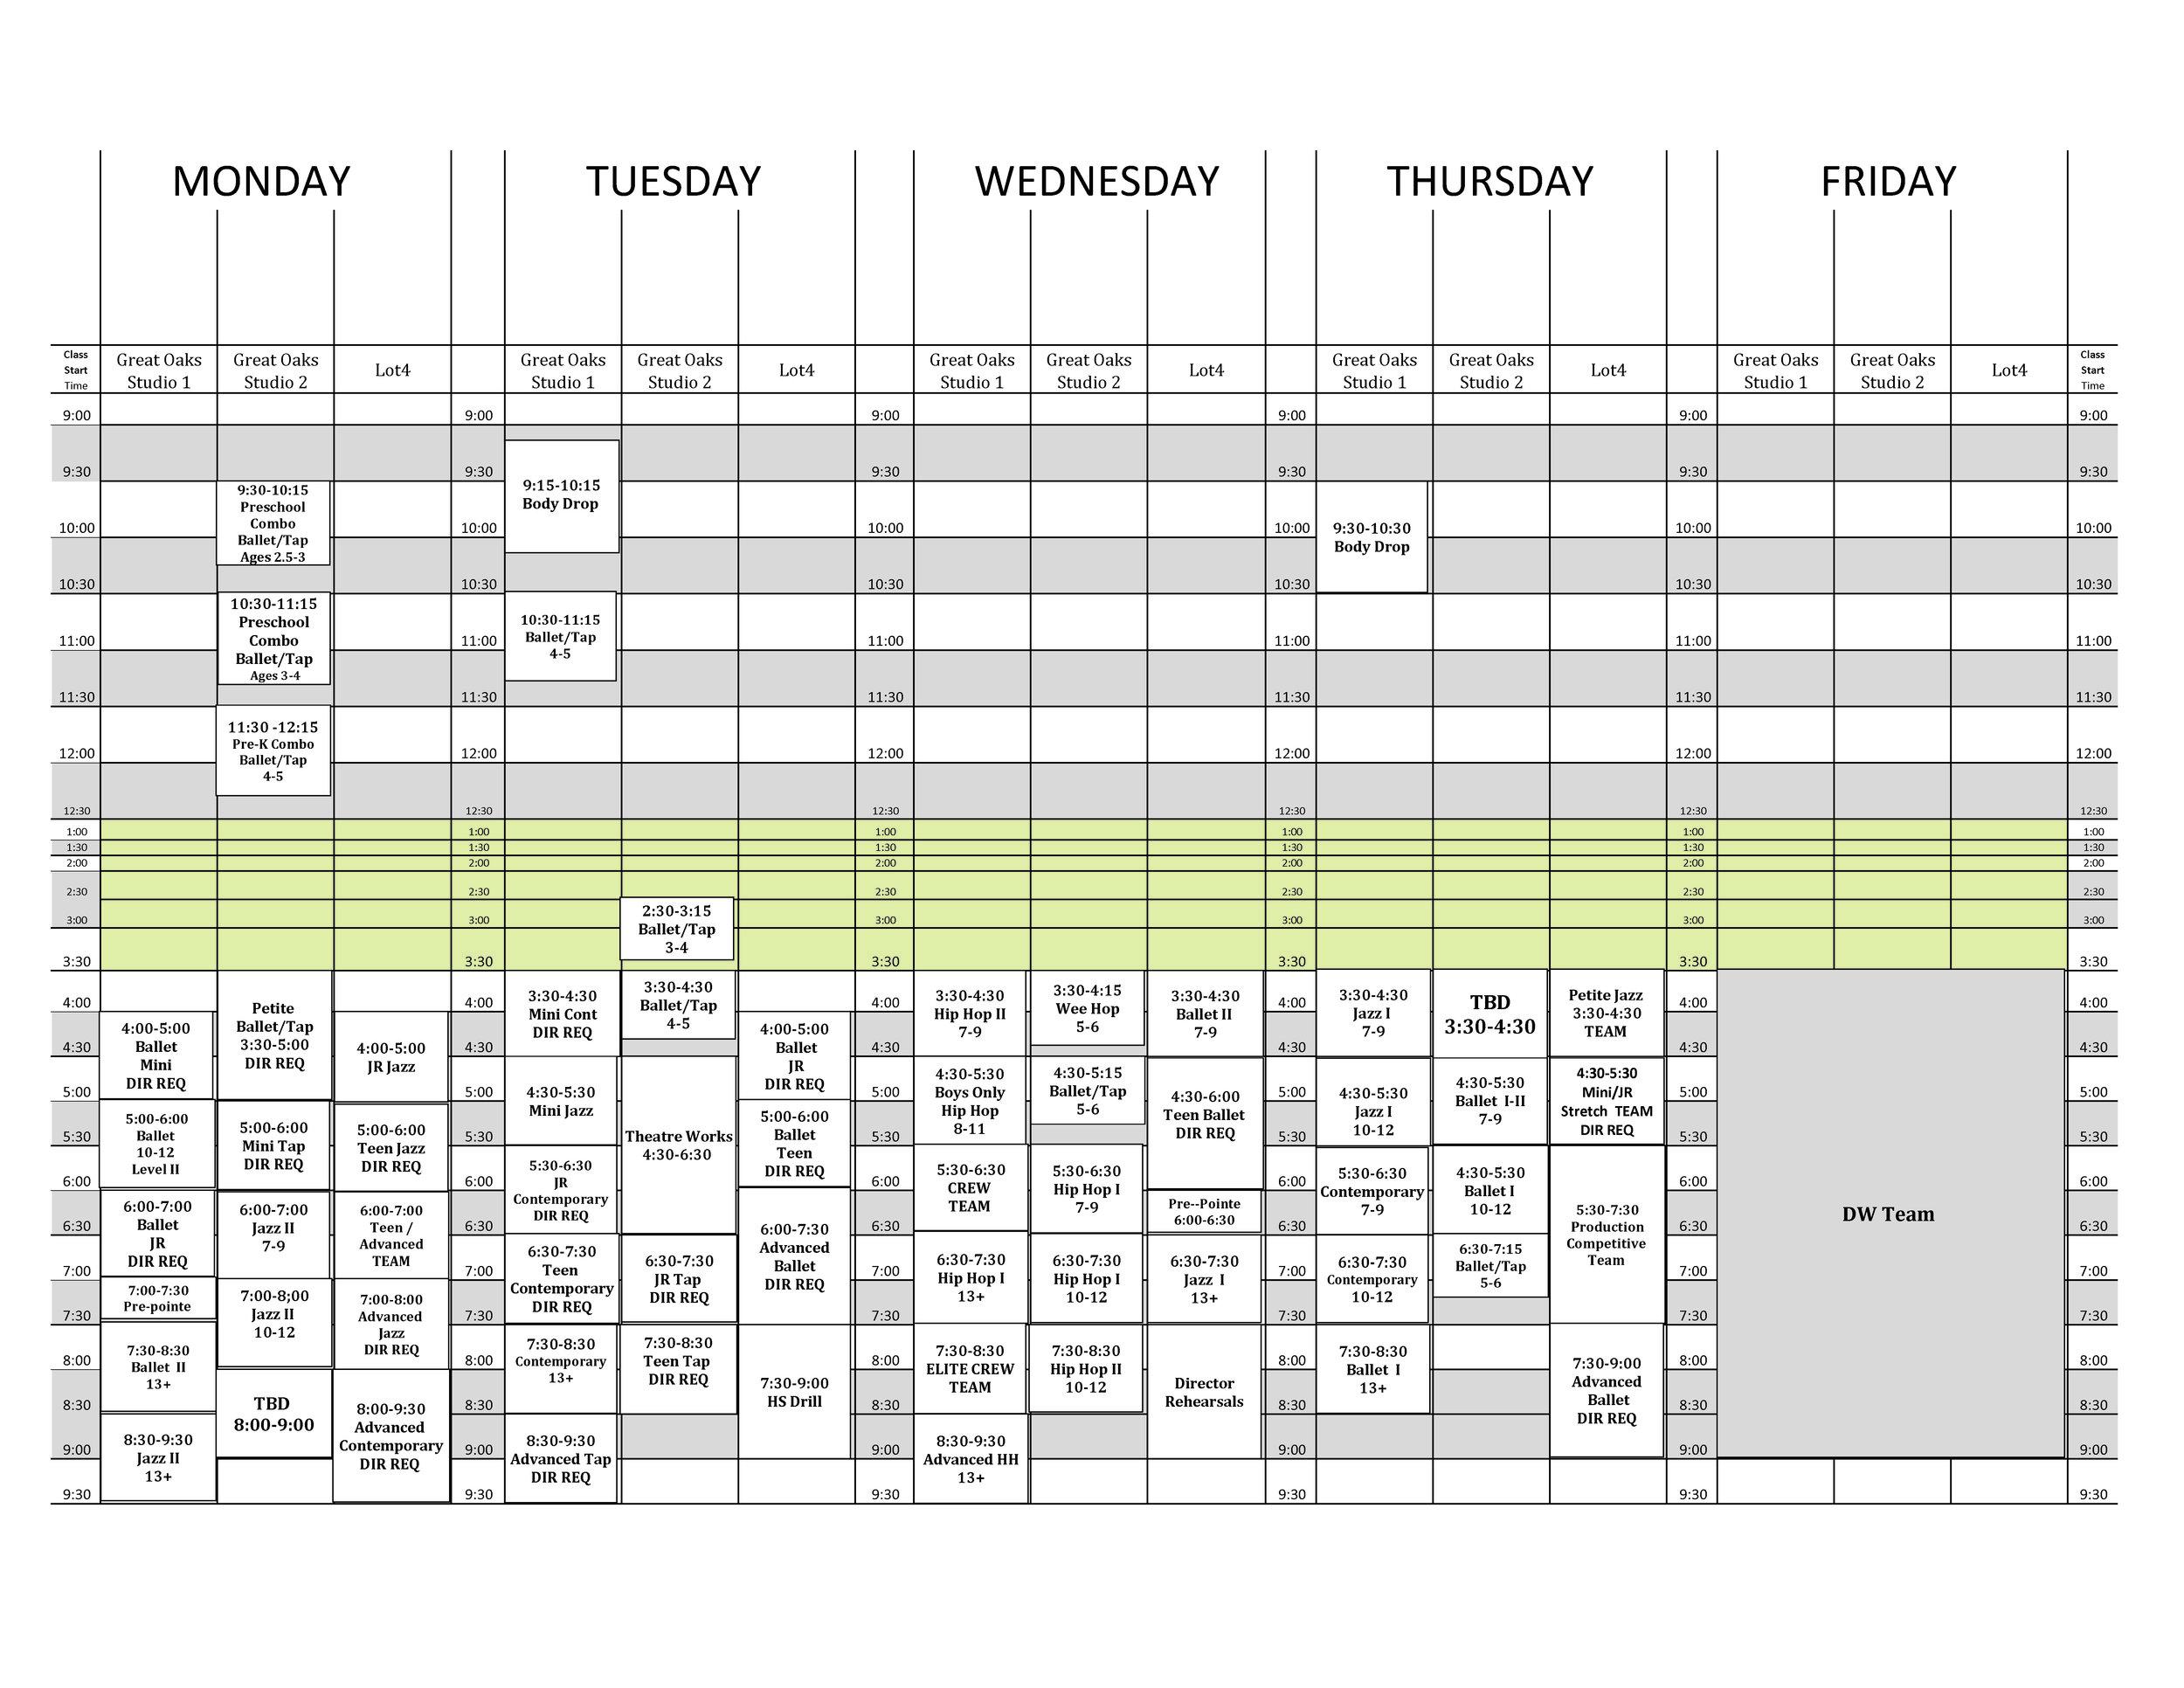 2019-2020 DW Schedule.jpg